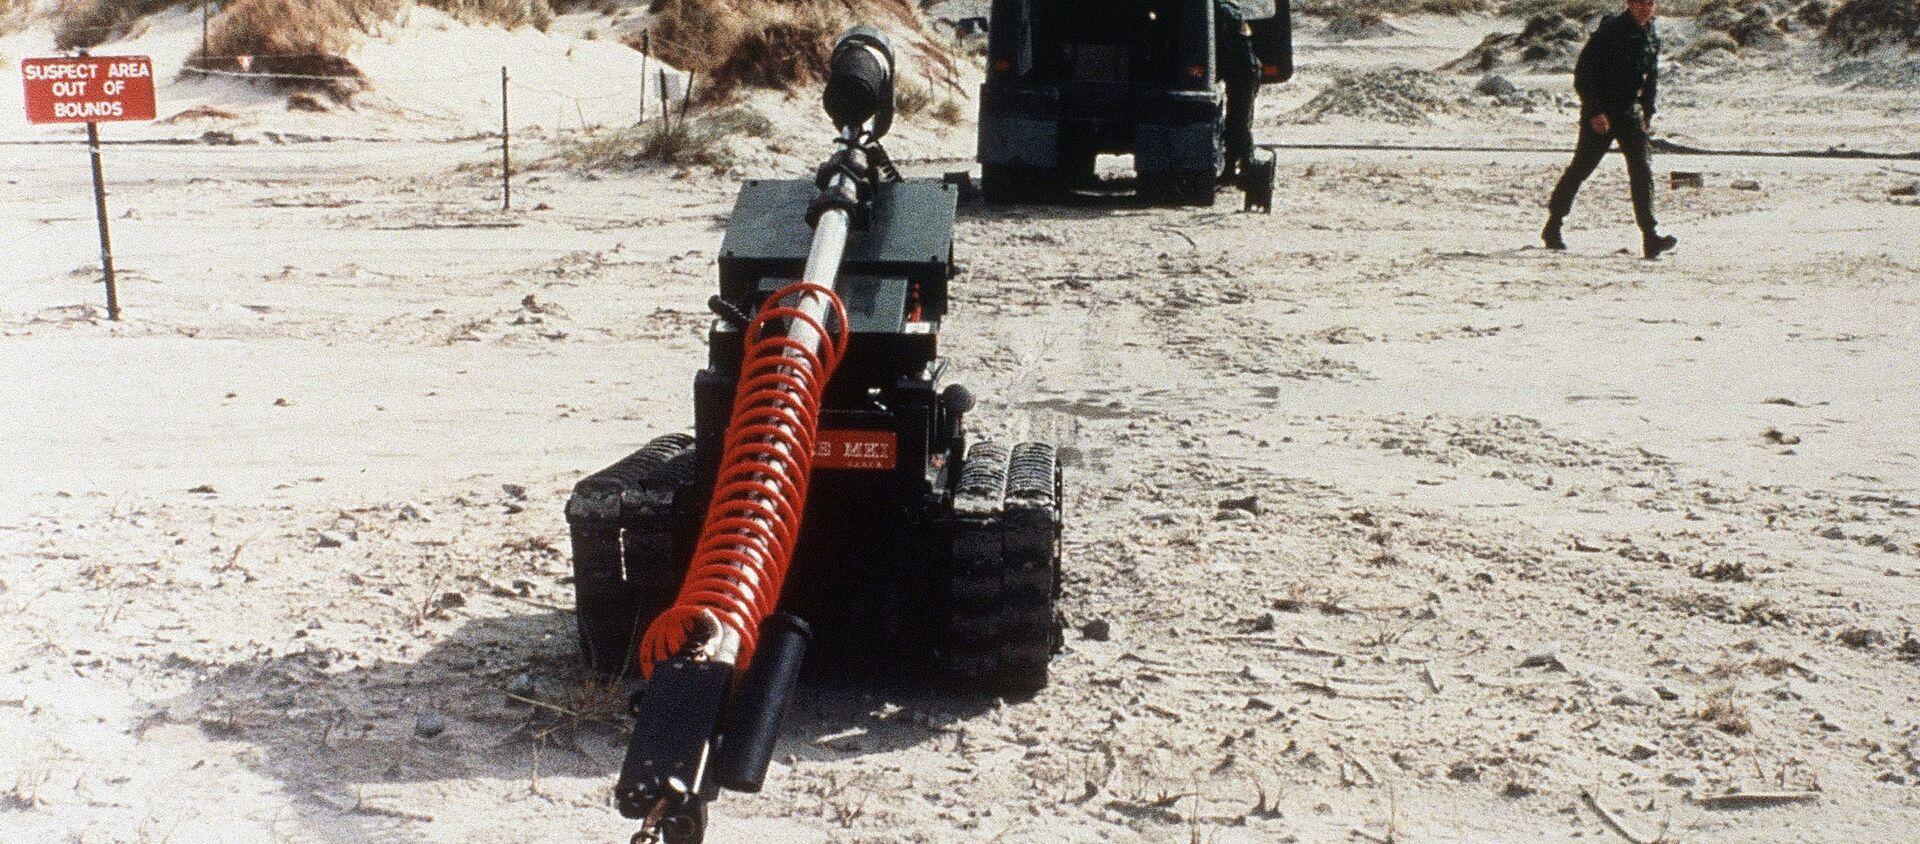 Un robot examina una mina en las Islas Malvinas en 1985 - Sputnik Mundo, 1920, 16.11.2020